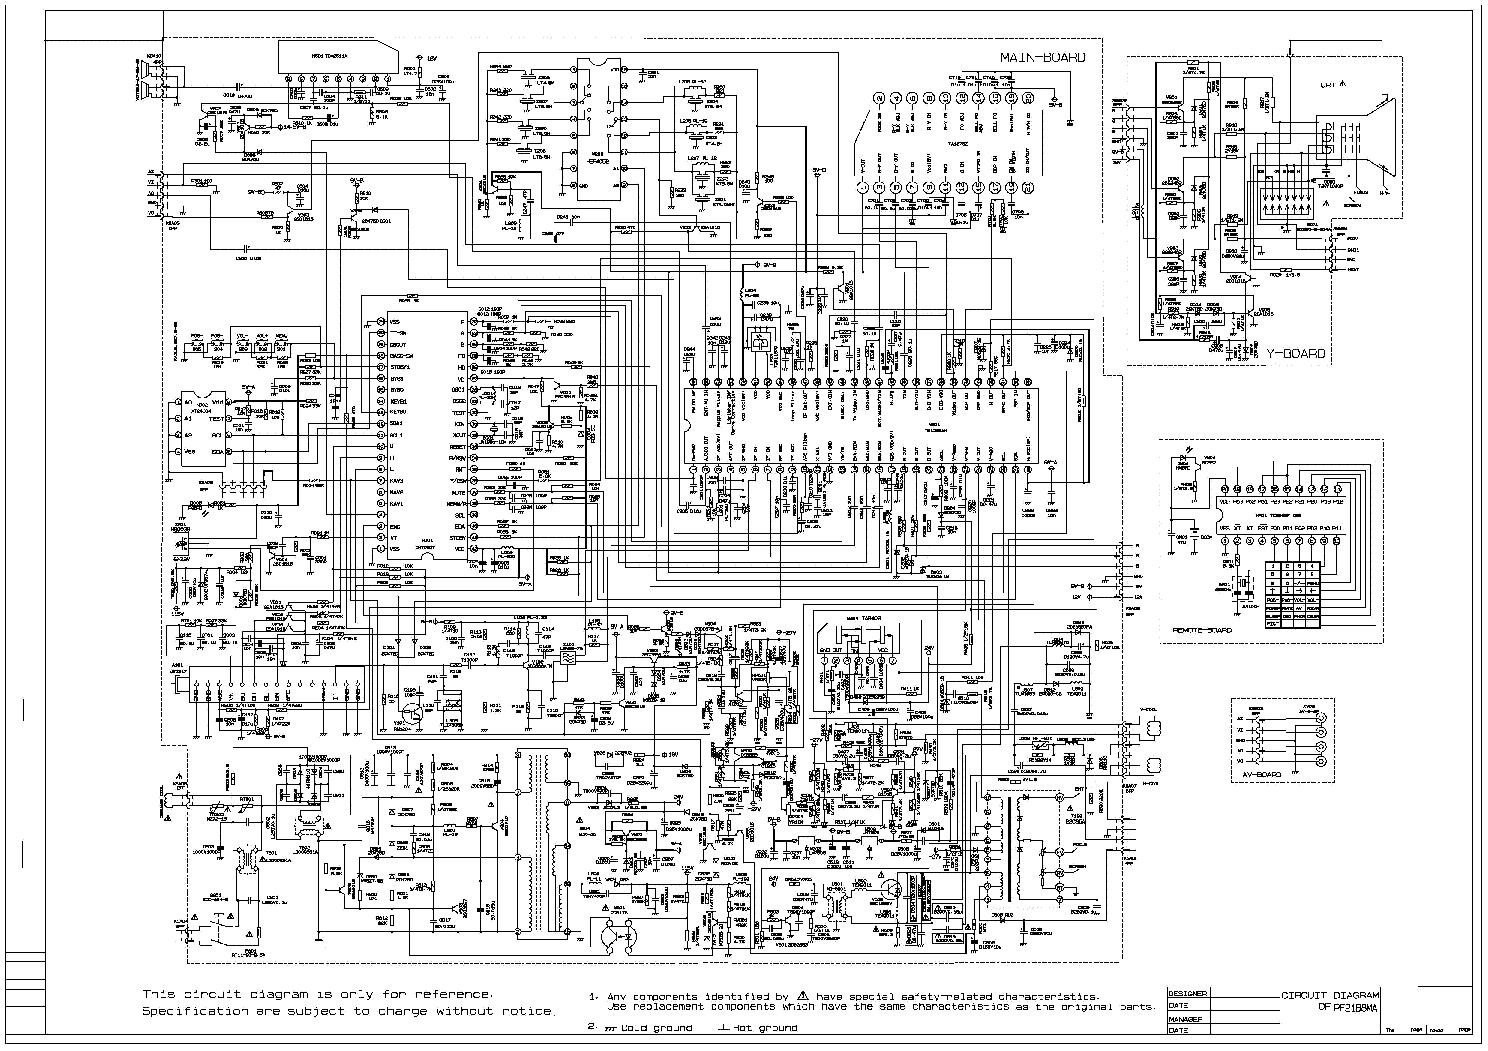 16 pf test manual pdf